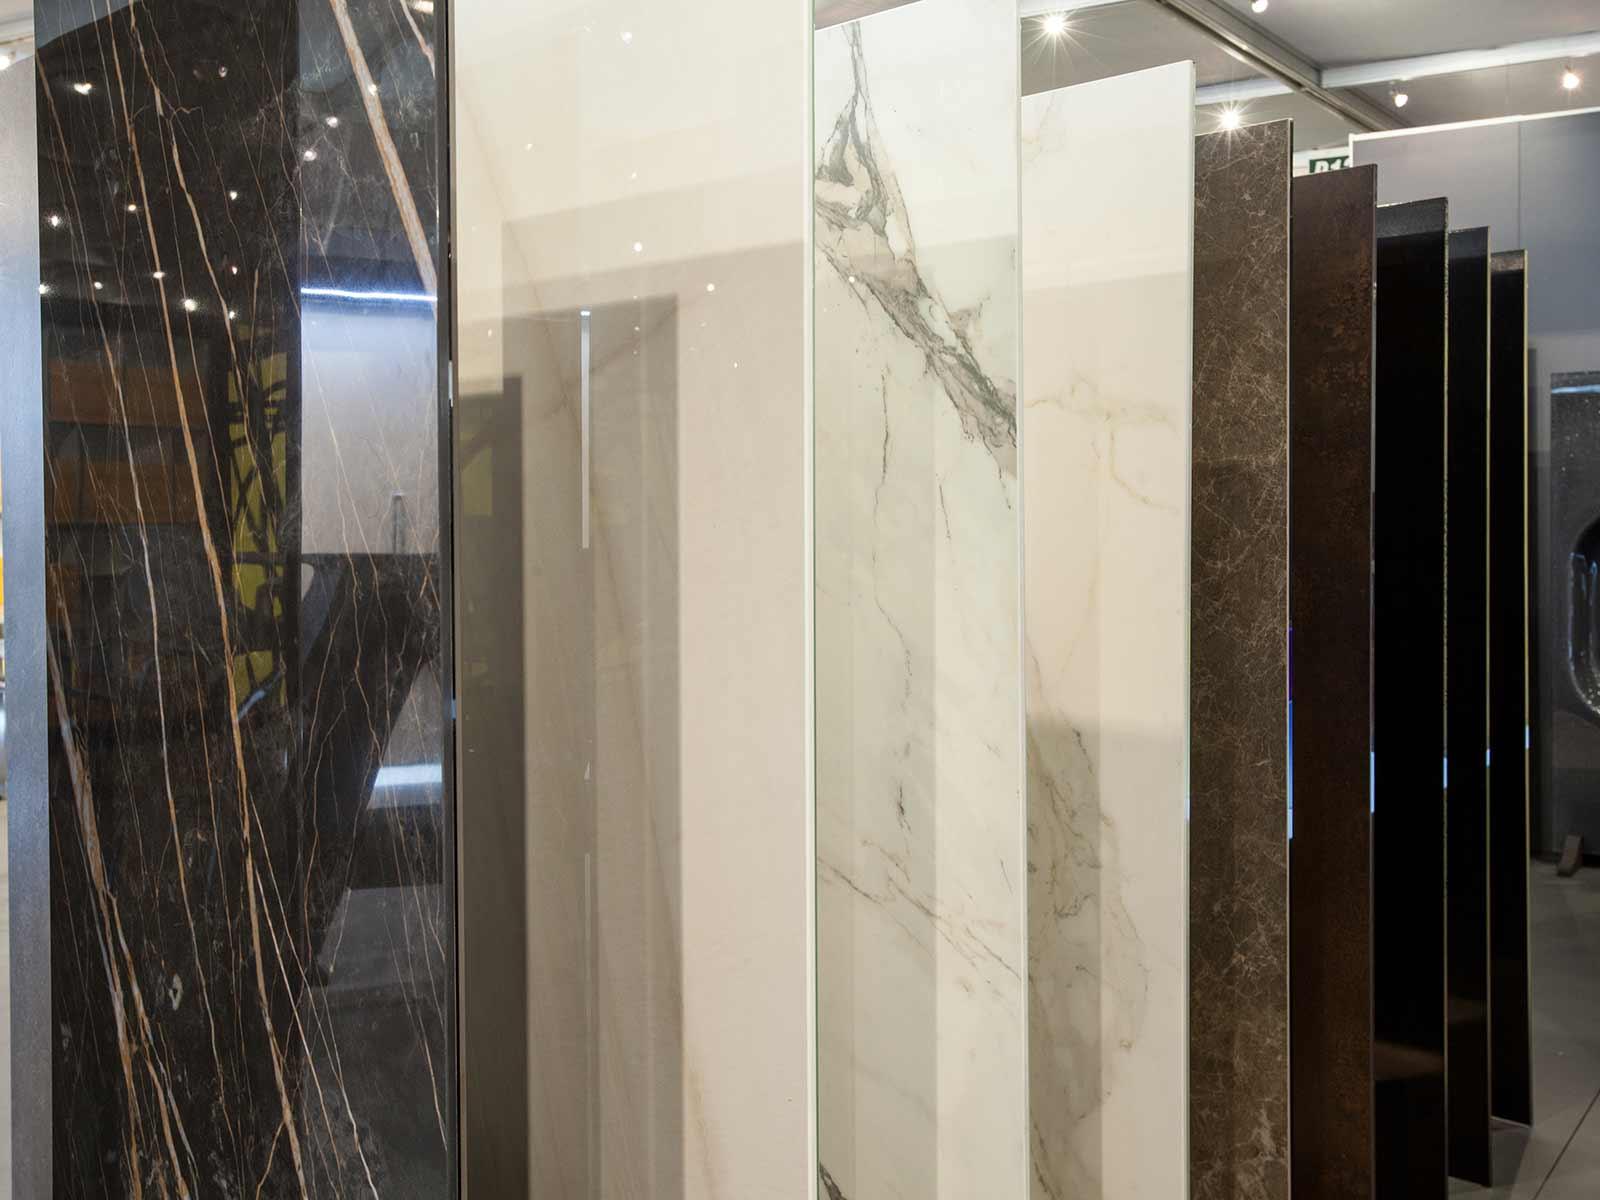 Vetro decorato, produzione Vetrotec, l'arte della lavorazione del vetro